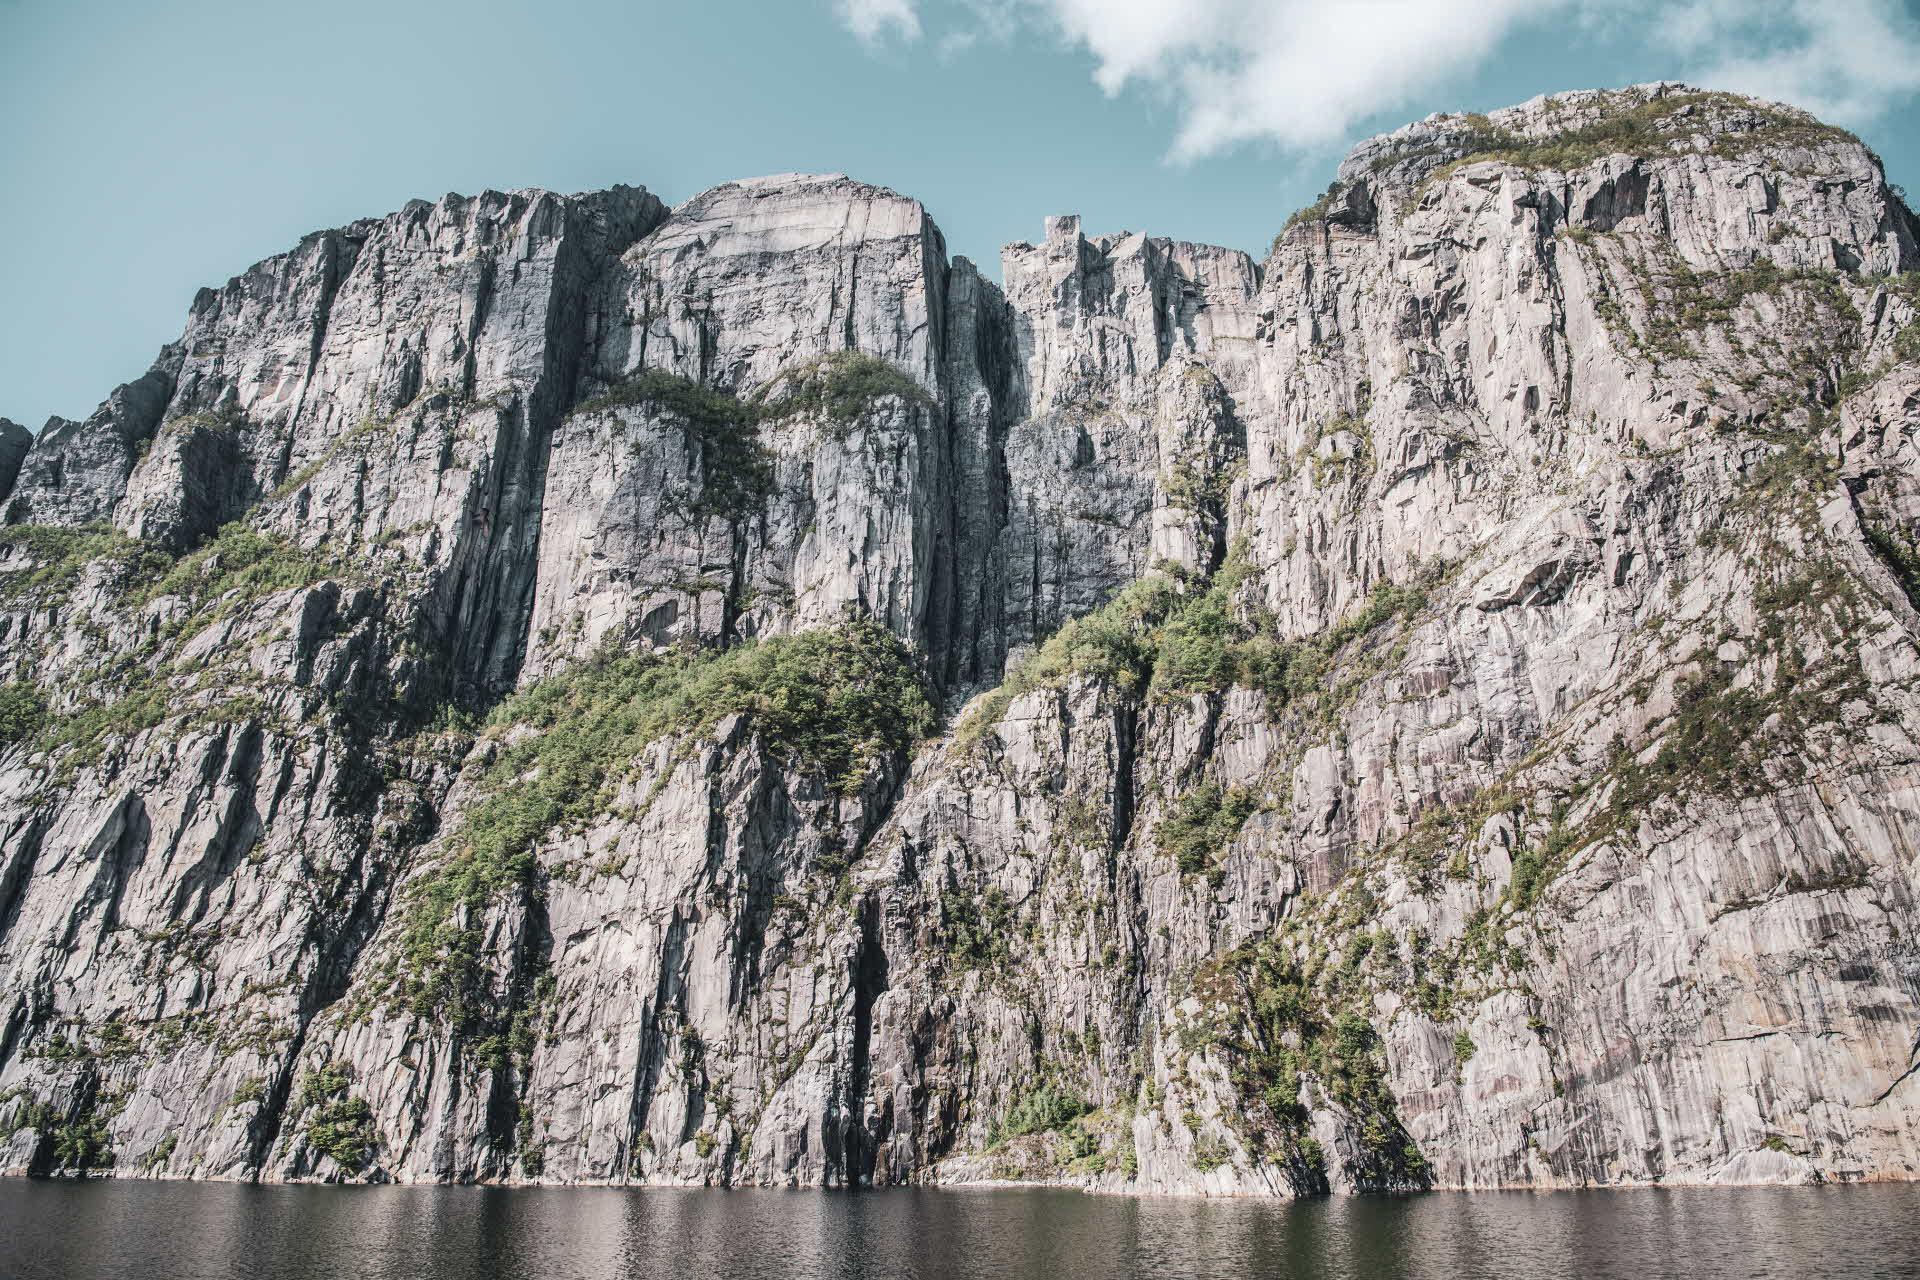 Preikestolen sett fra Fjord Cruise Lysefjord 604 meter under, tett inntil den loddrette fjellveggen